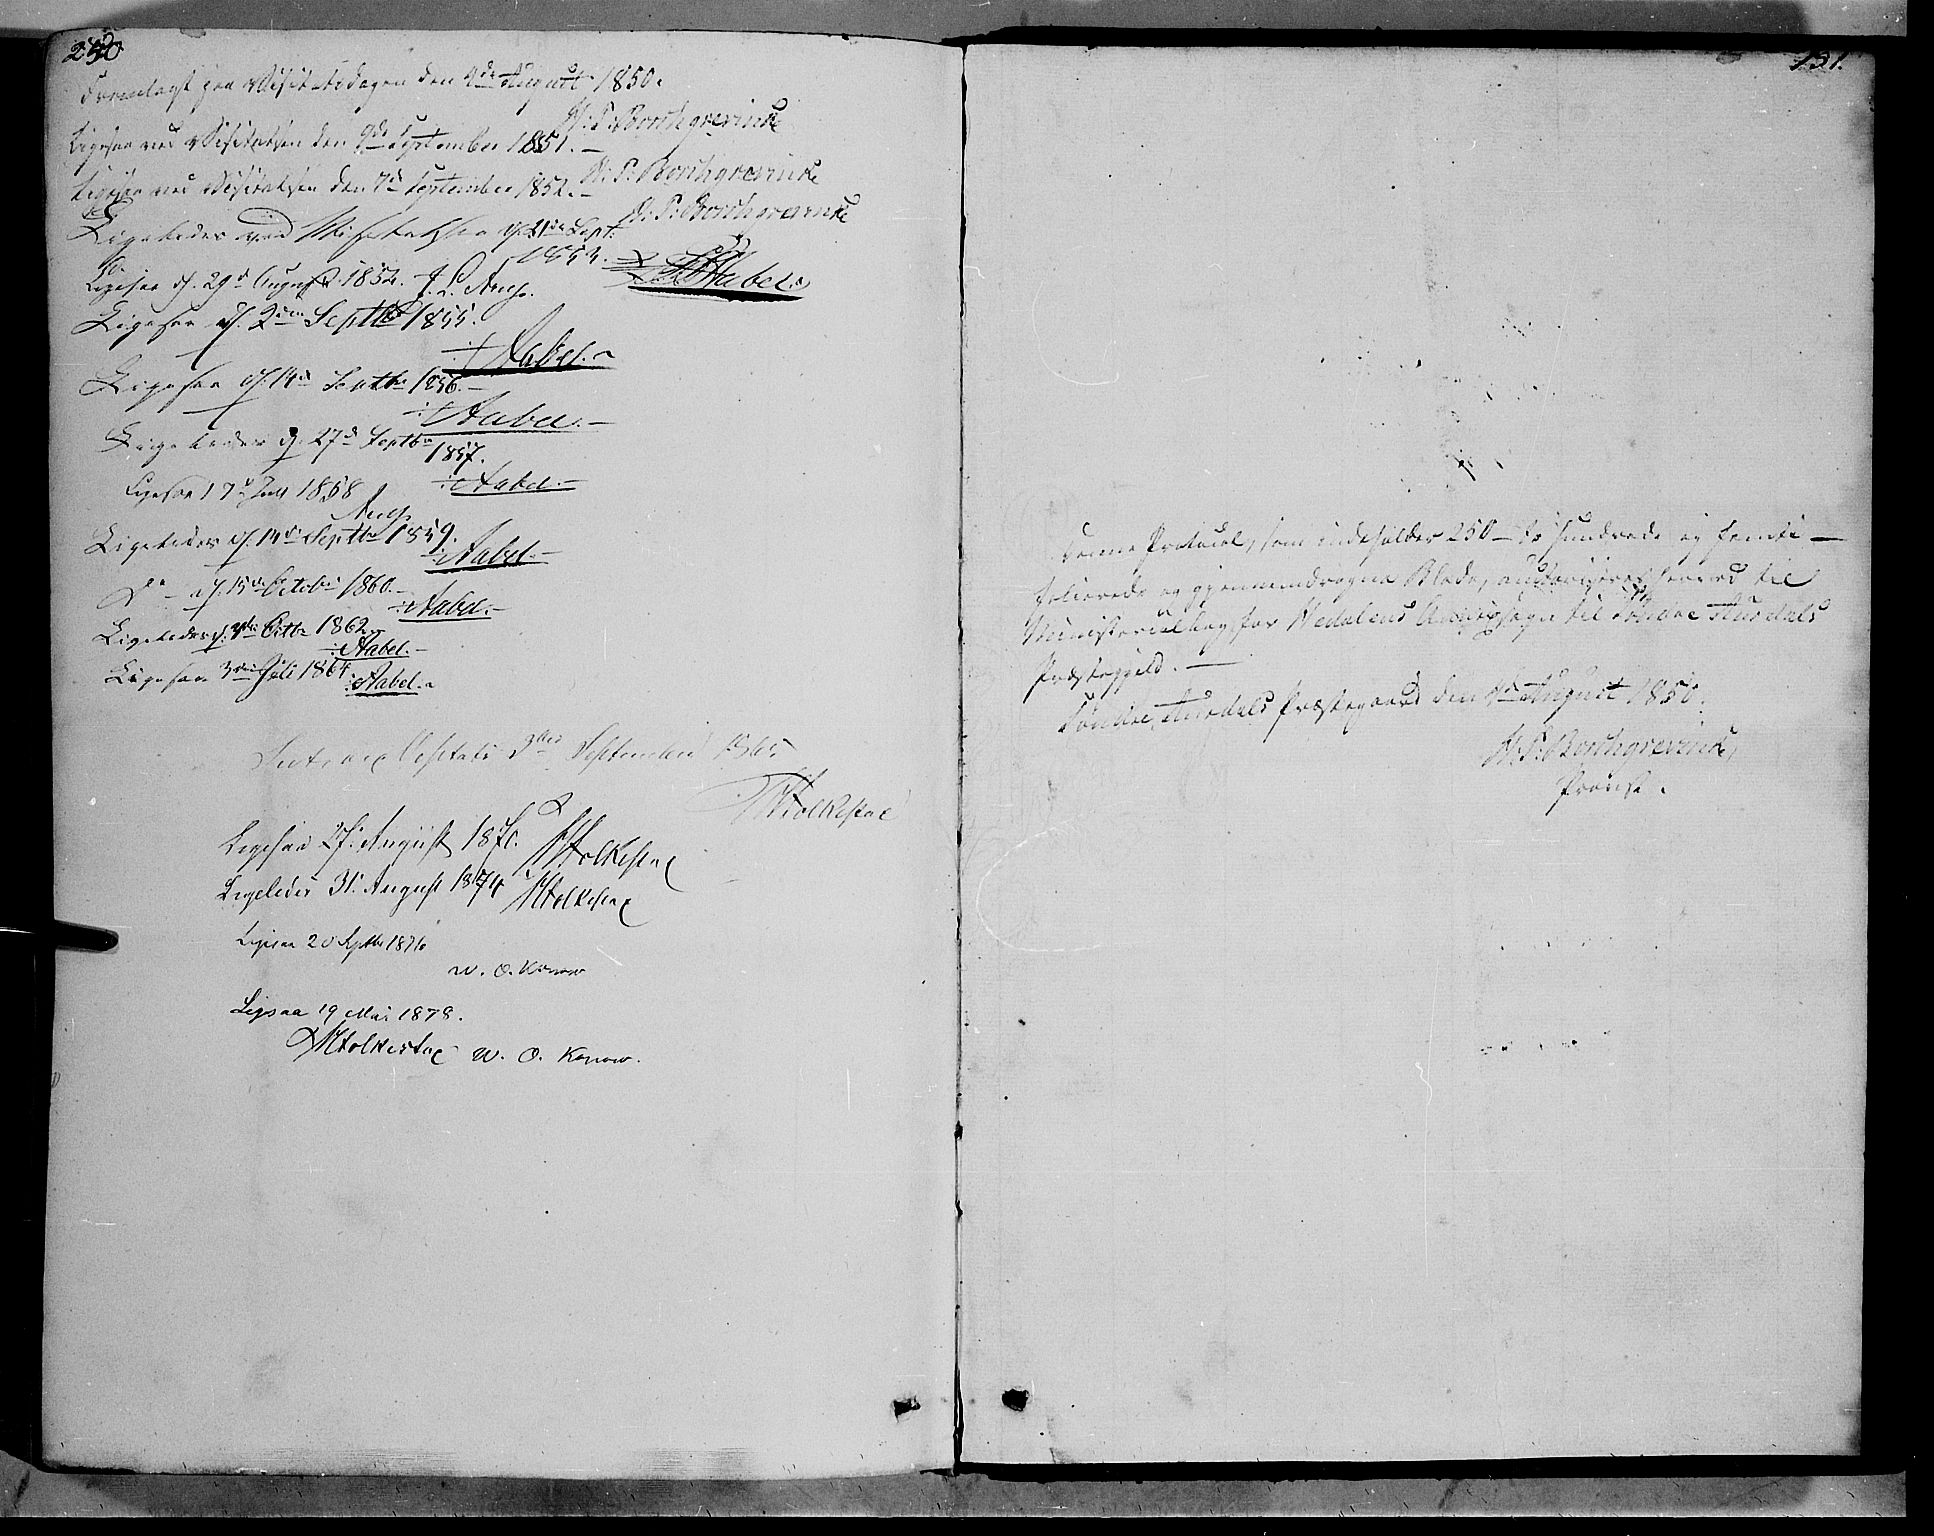 SAH, Sør-Aurdal prestekontor, Ministerialbok nr. 7, 1849-1876, s. 250